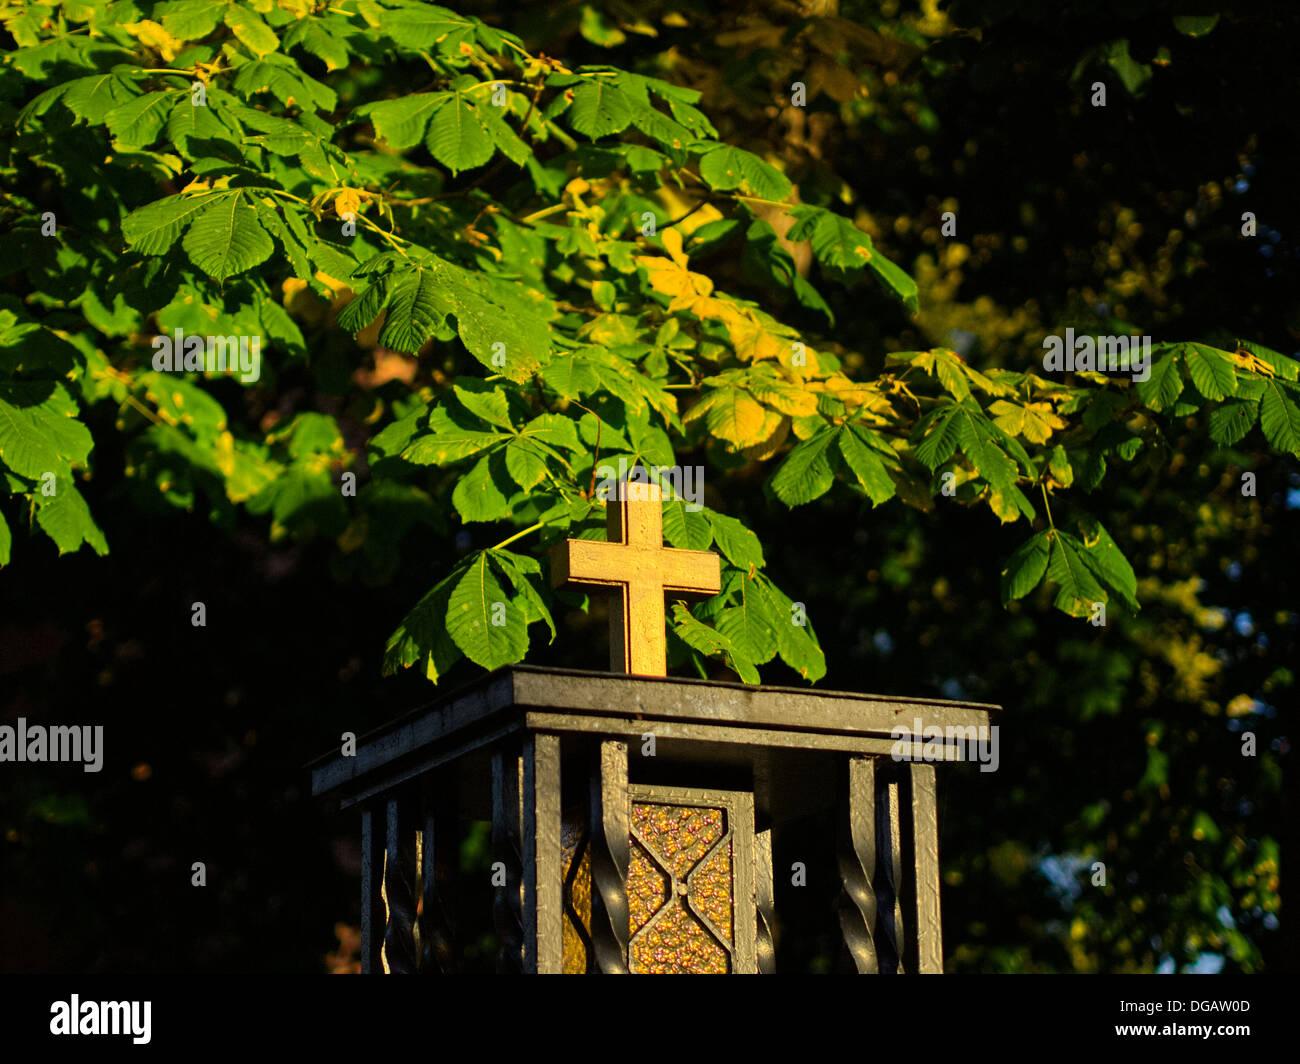 Kreuz, strahlt in der Abendsonne, herbstliche Laub Stockbild